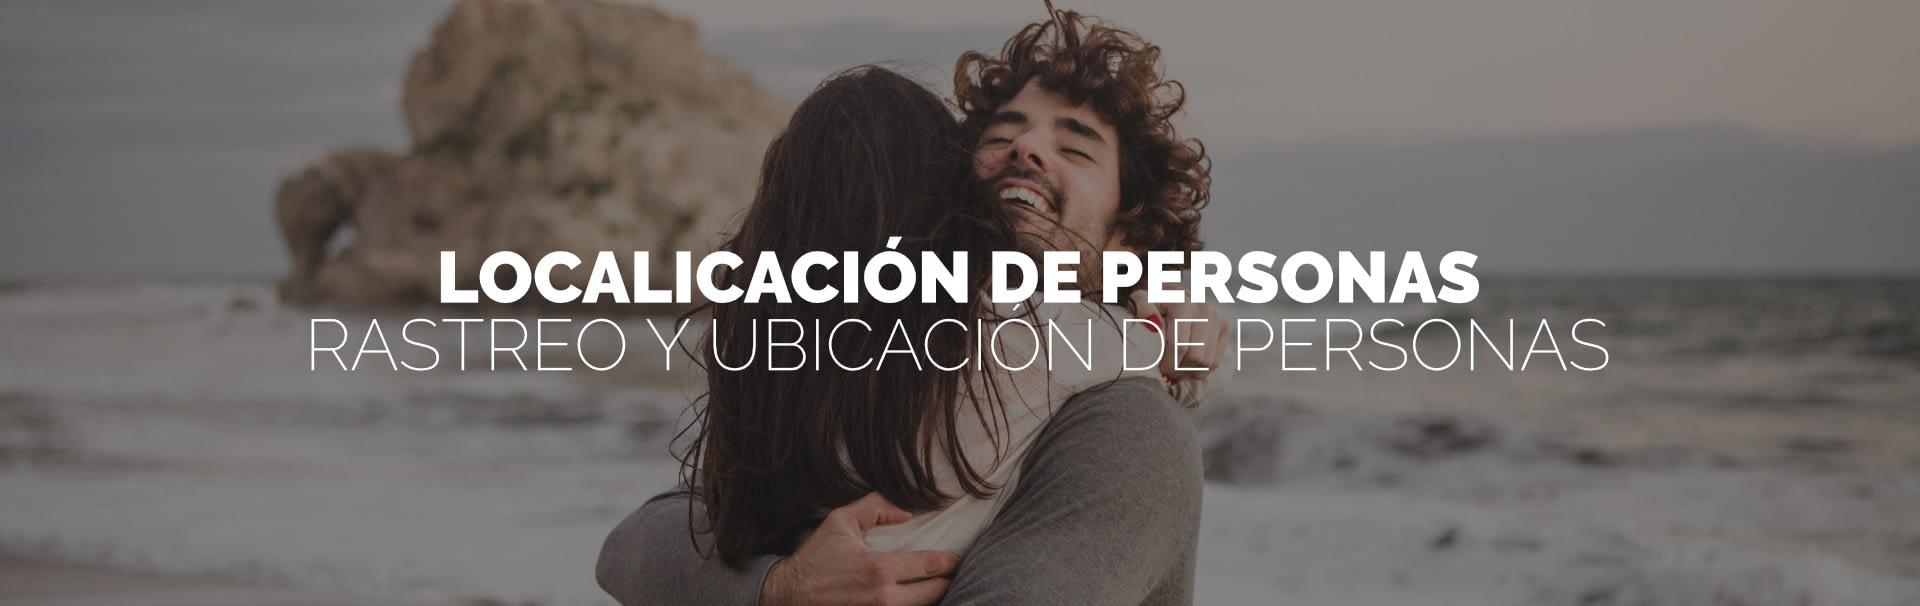 UBICACION DE PERSONAS